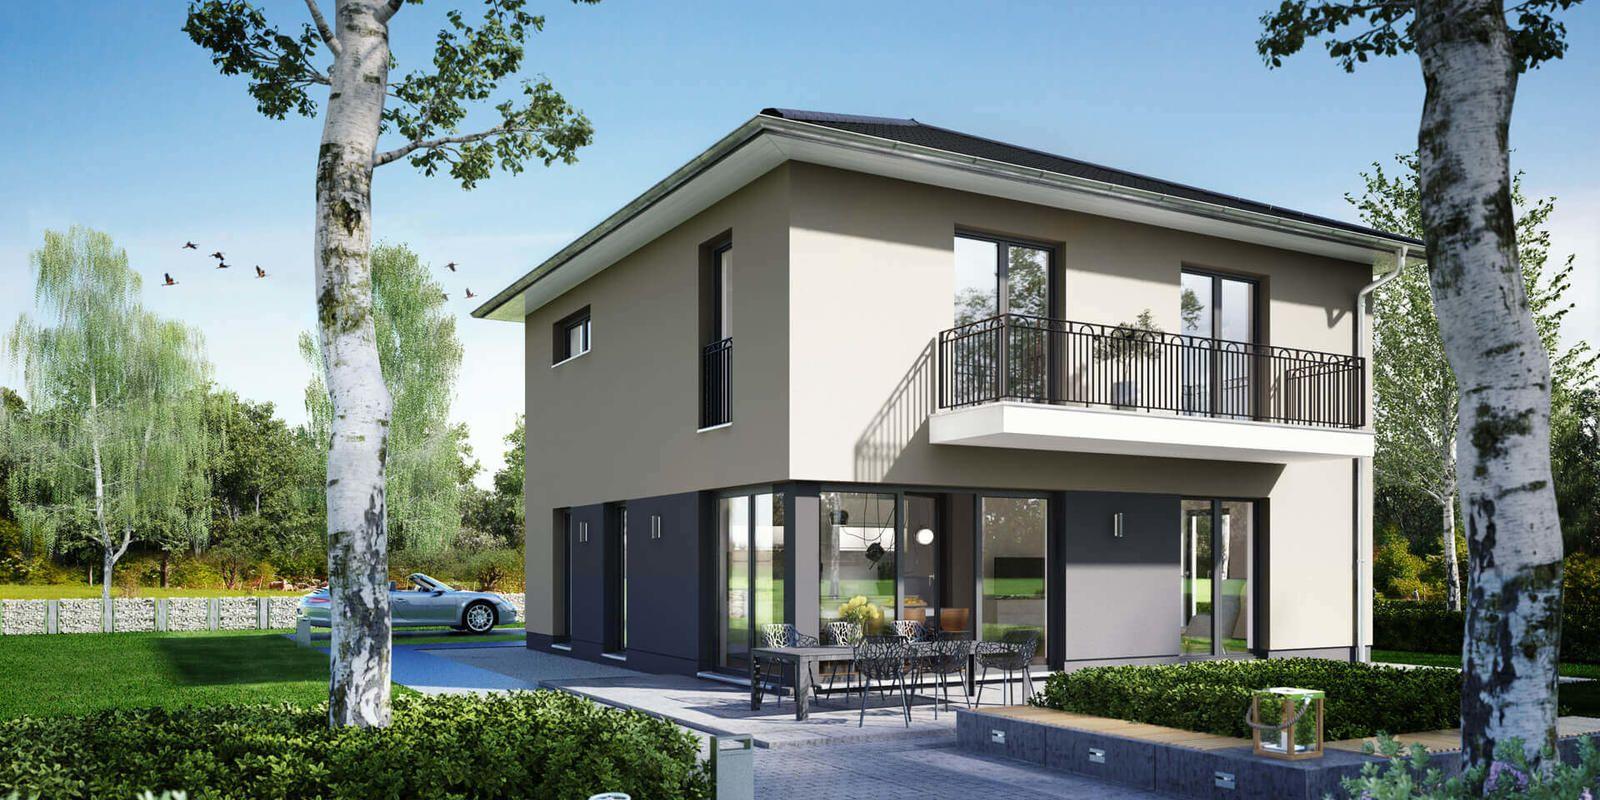 Ansprechend Heinz Von Heiden Häuser Preise Referenz Von Villa 140 -